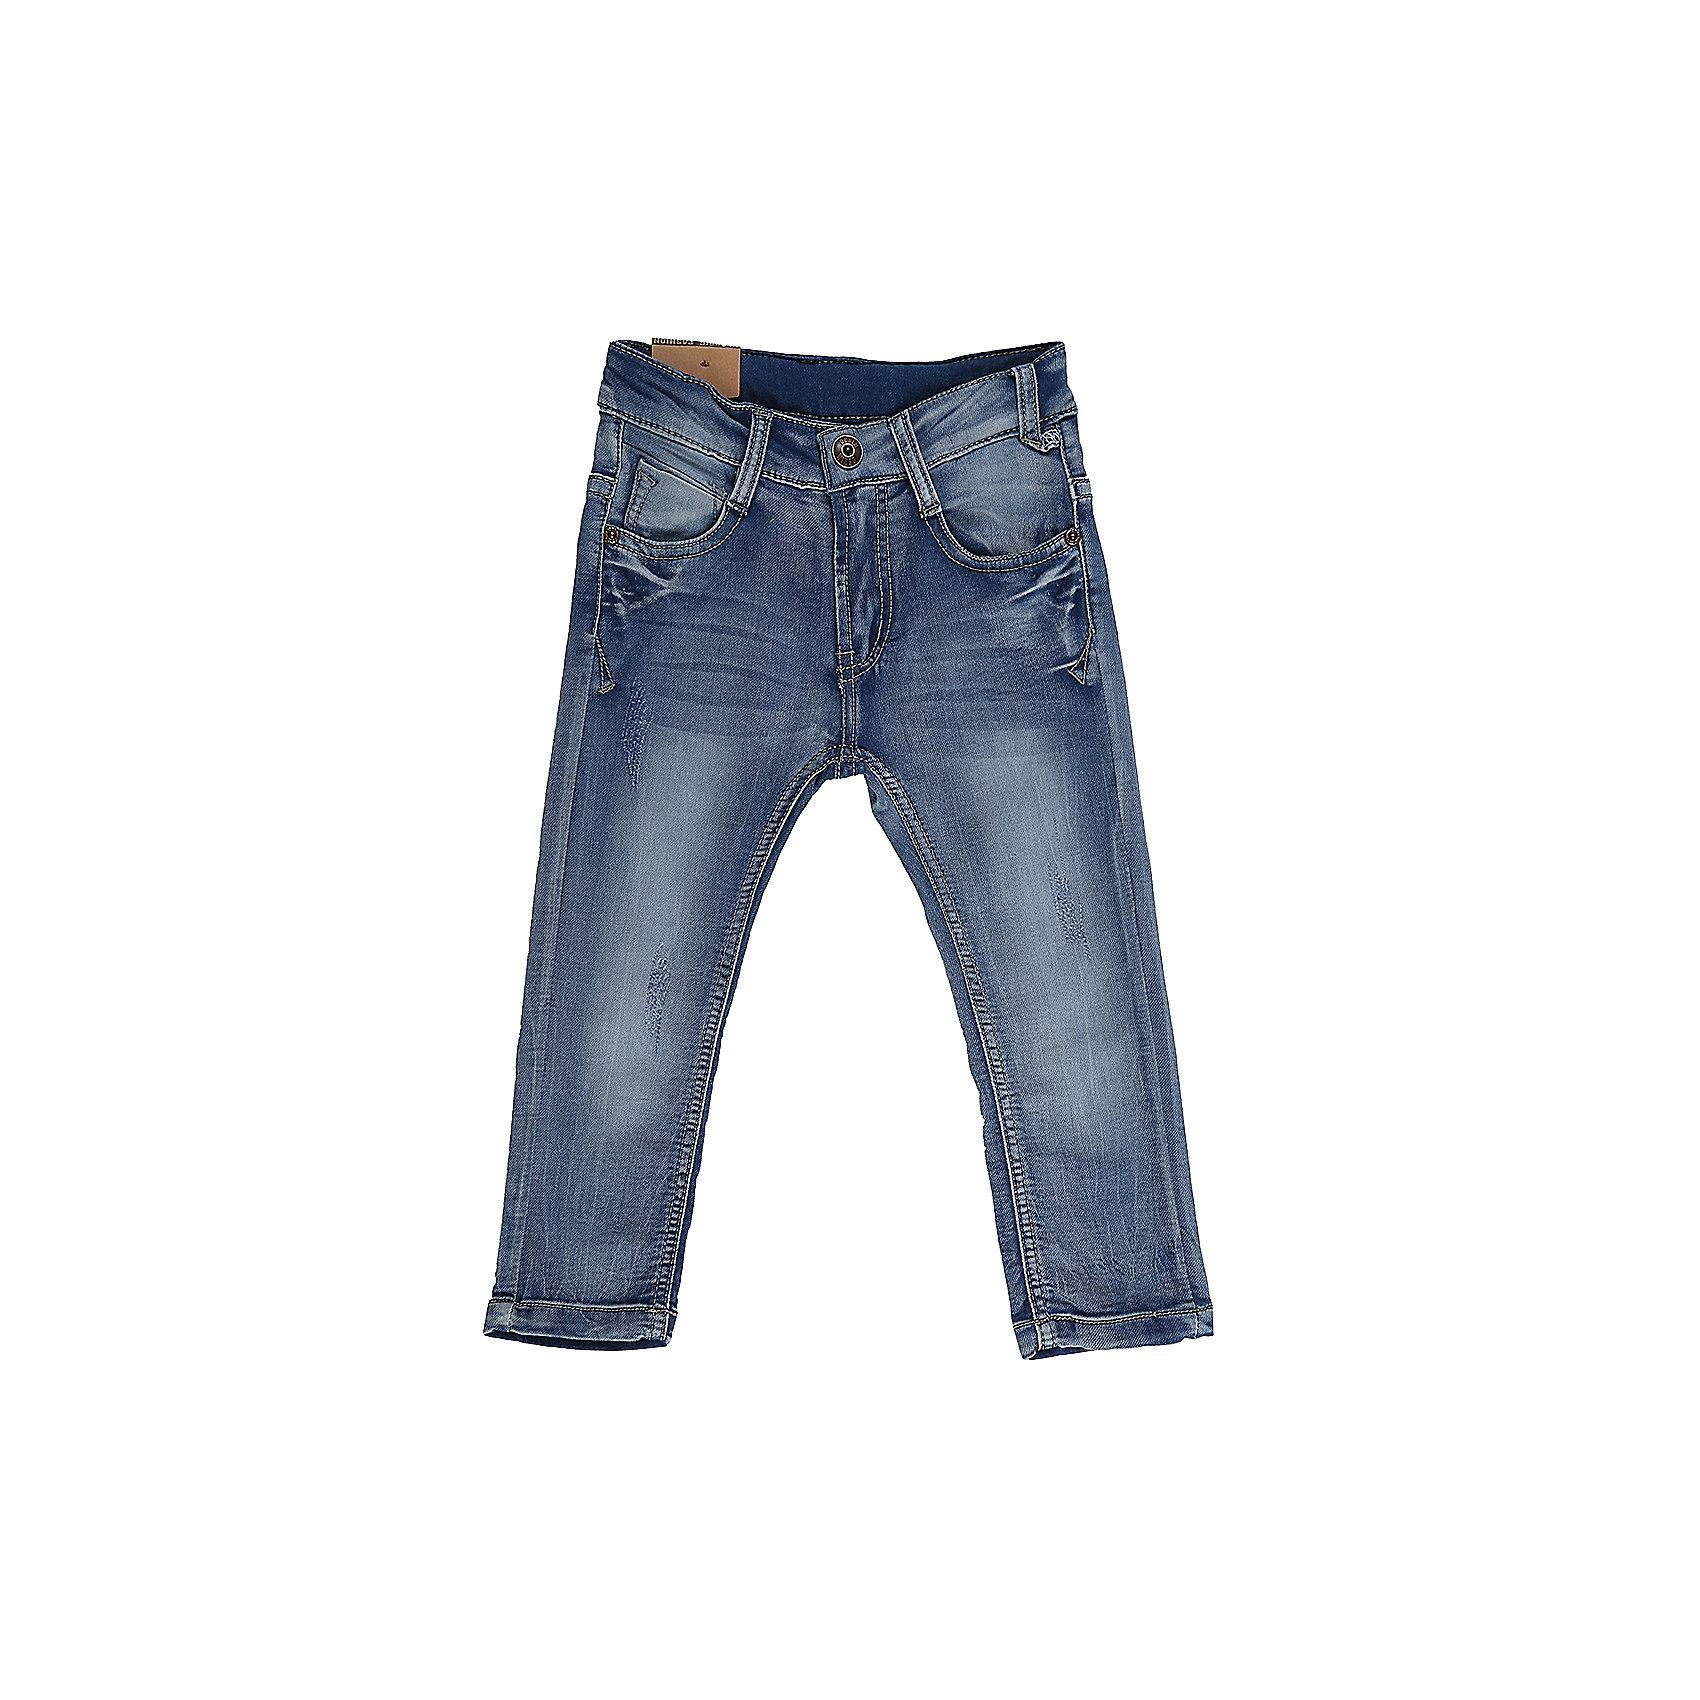 Джинсы для мальчика Sweet BerryДжинсовая одежда<br>Джинсы  для мальчика из хлопка, декорированы потертостями. Зауженный крой, средняя посадка. Застегиваются на молнию и крючок. Шлевки на поясе рассчитаны под ремень. В боковой части пояса находятся вшитые эластичные ленты, регулирующие посадку по талии.<br>Состав:<br>98%хлопок 2%эластан<br><br>Ширина мм: 215<br>Глубина мм: 88<br>Высота мм: 191<br>Вес г: 336<br>Цвет: синий<br>Возраст от месяцев: 12<br>Возраст до месяцев: 15<br>Пол: Мужской<br>Возраст: Детский<br>Размер: 80,86,92,98<br>SKU: 5411472